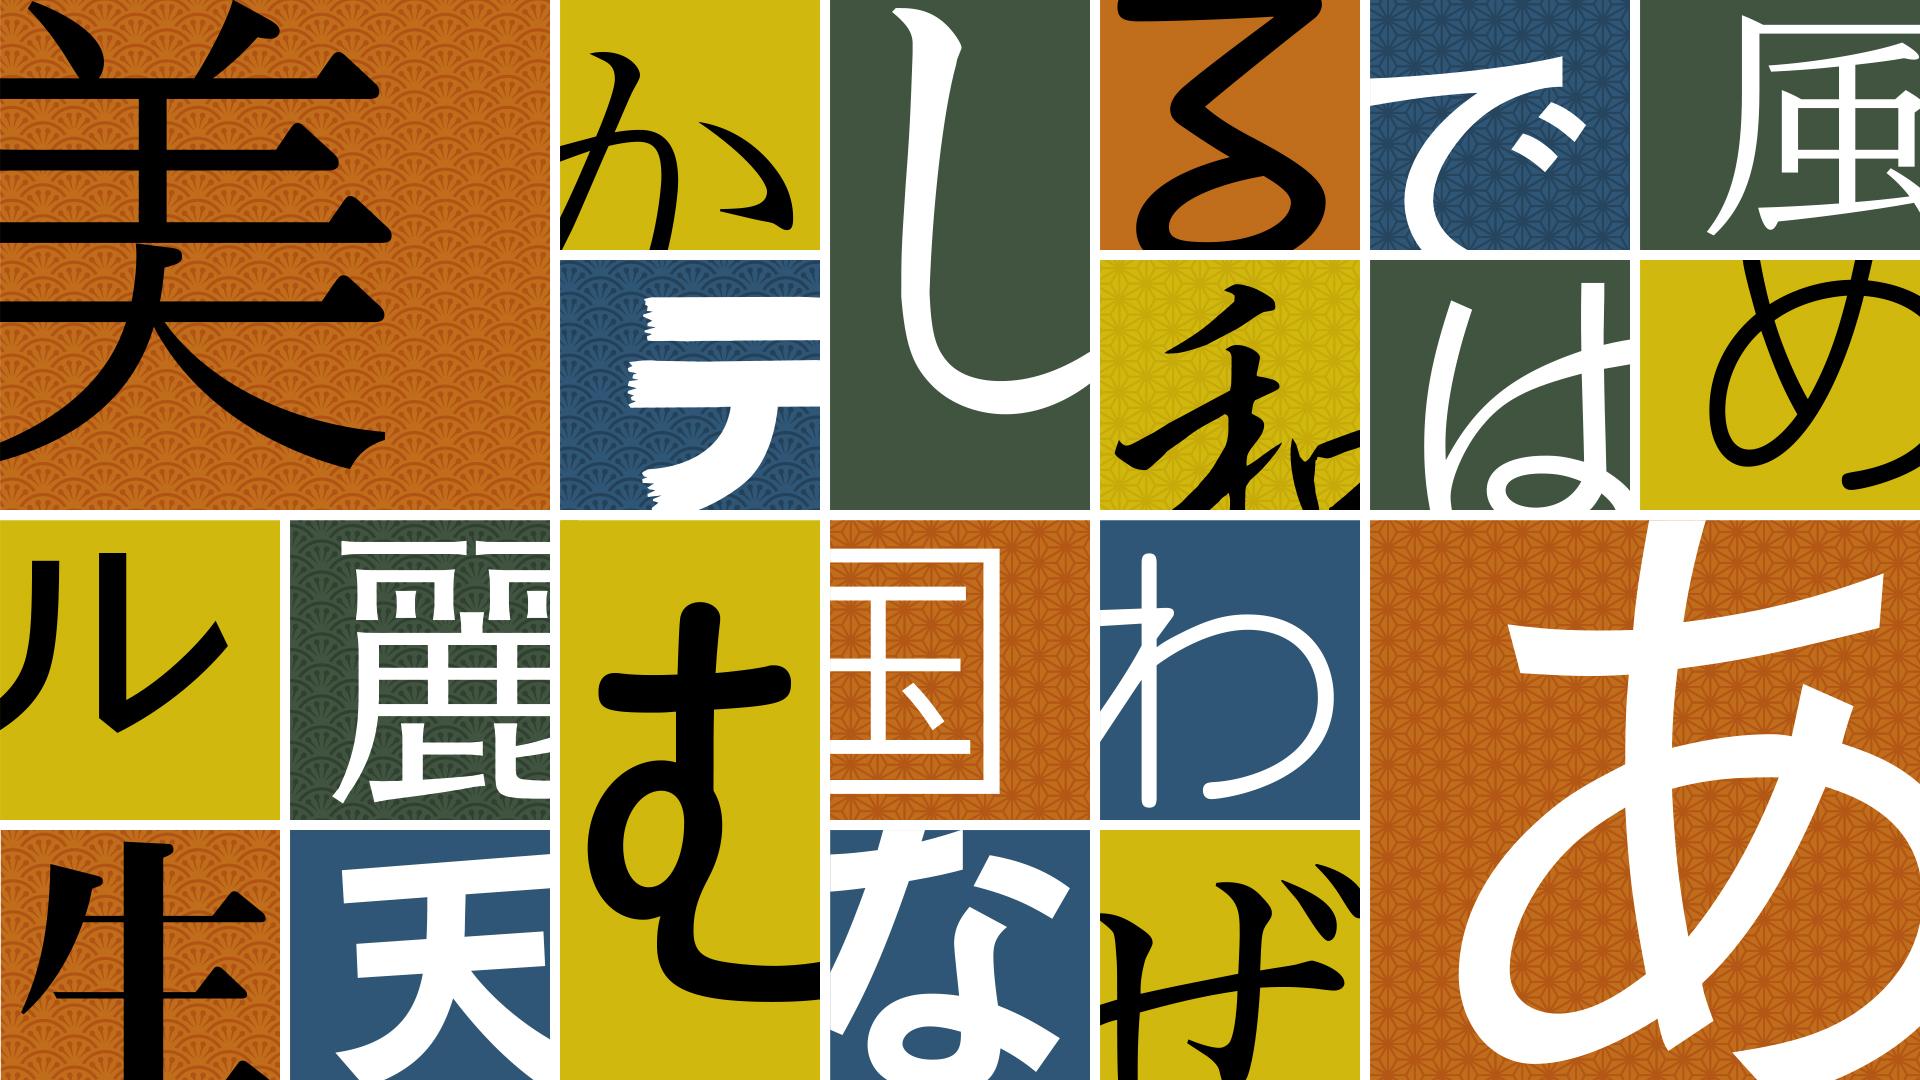 Overlay of Morisawa type samples